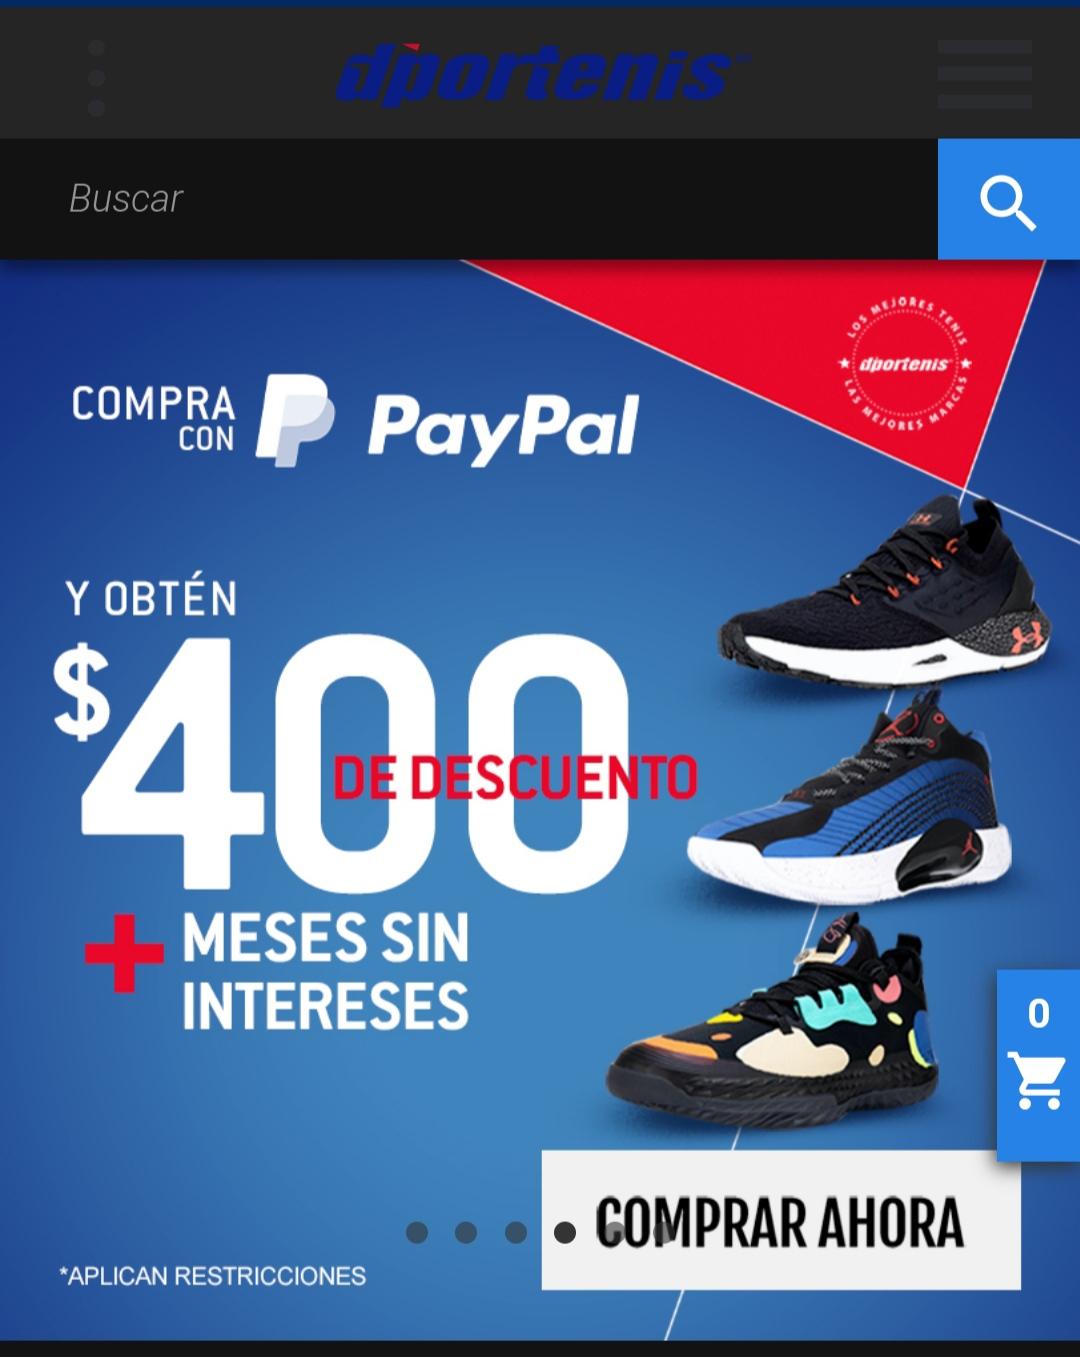 dportenis en línea: $400 de descuento + Hasta 9 MSI comprando con PayPal